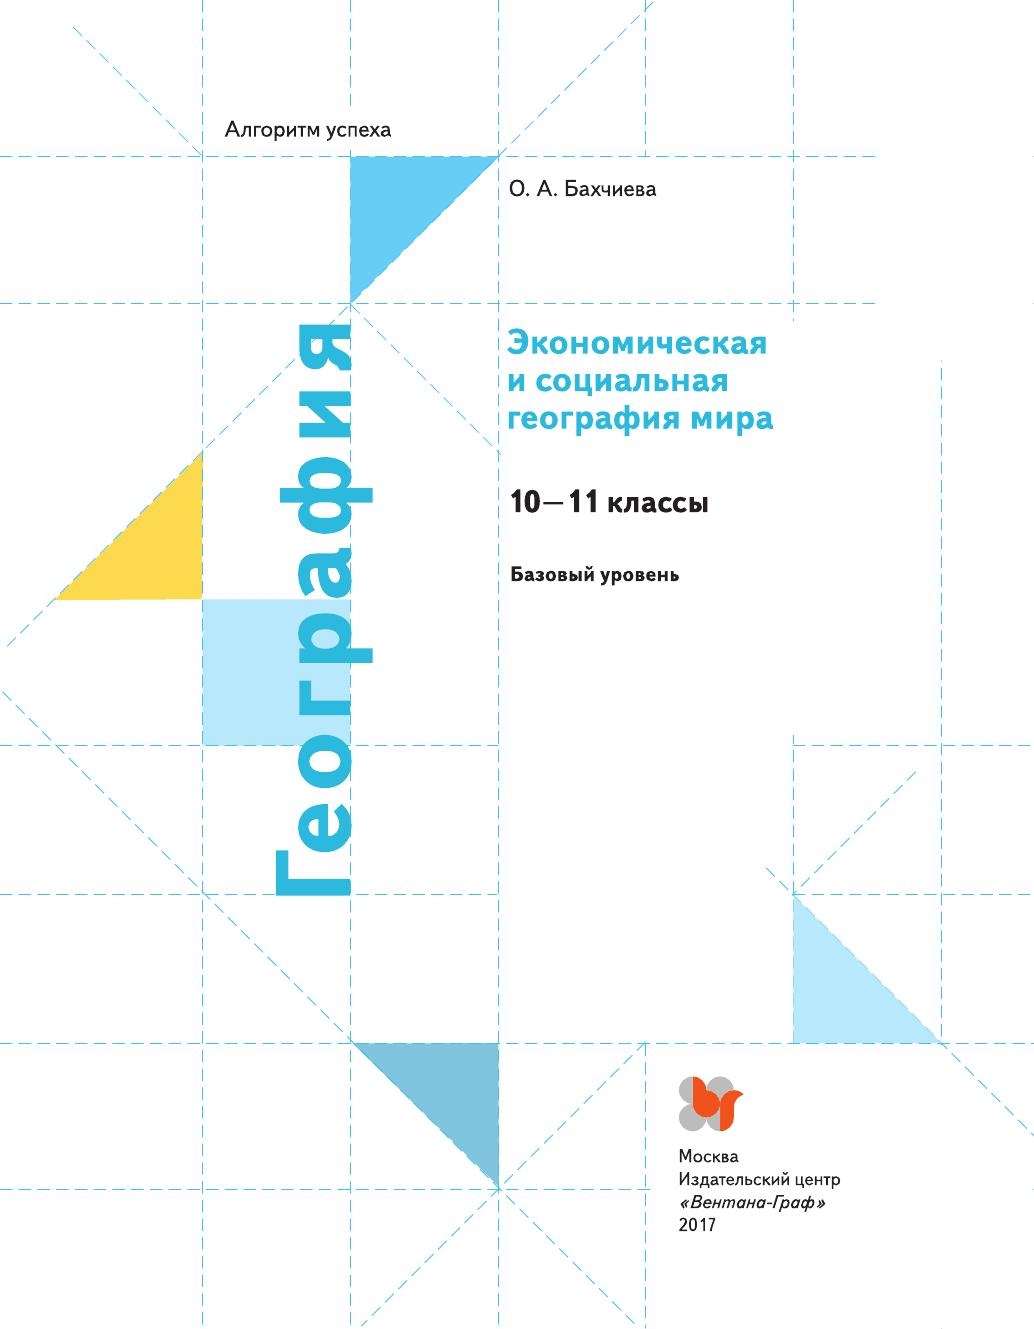 учебник география 10 класс бахчиева скачать pdf